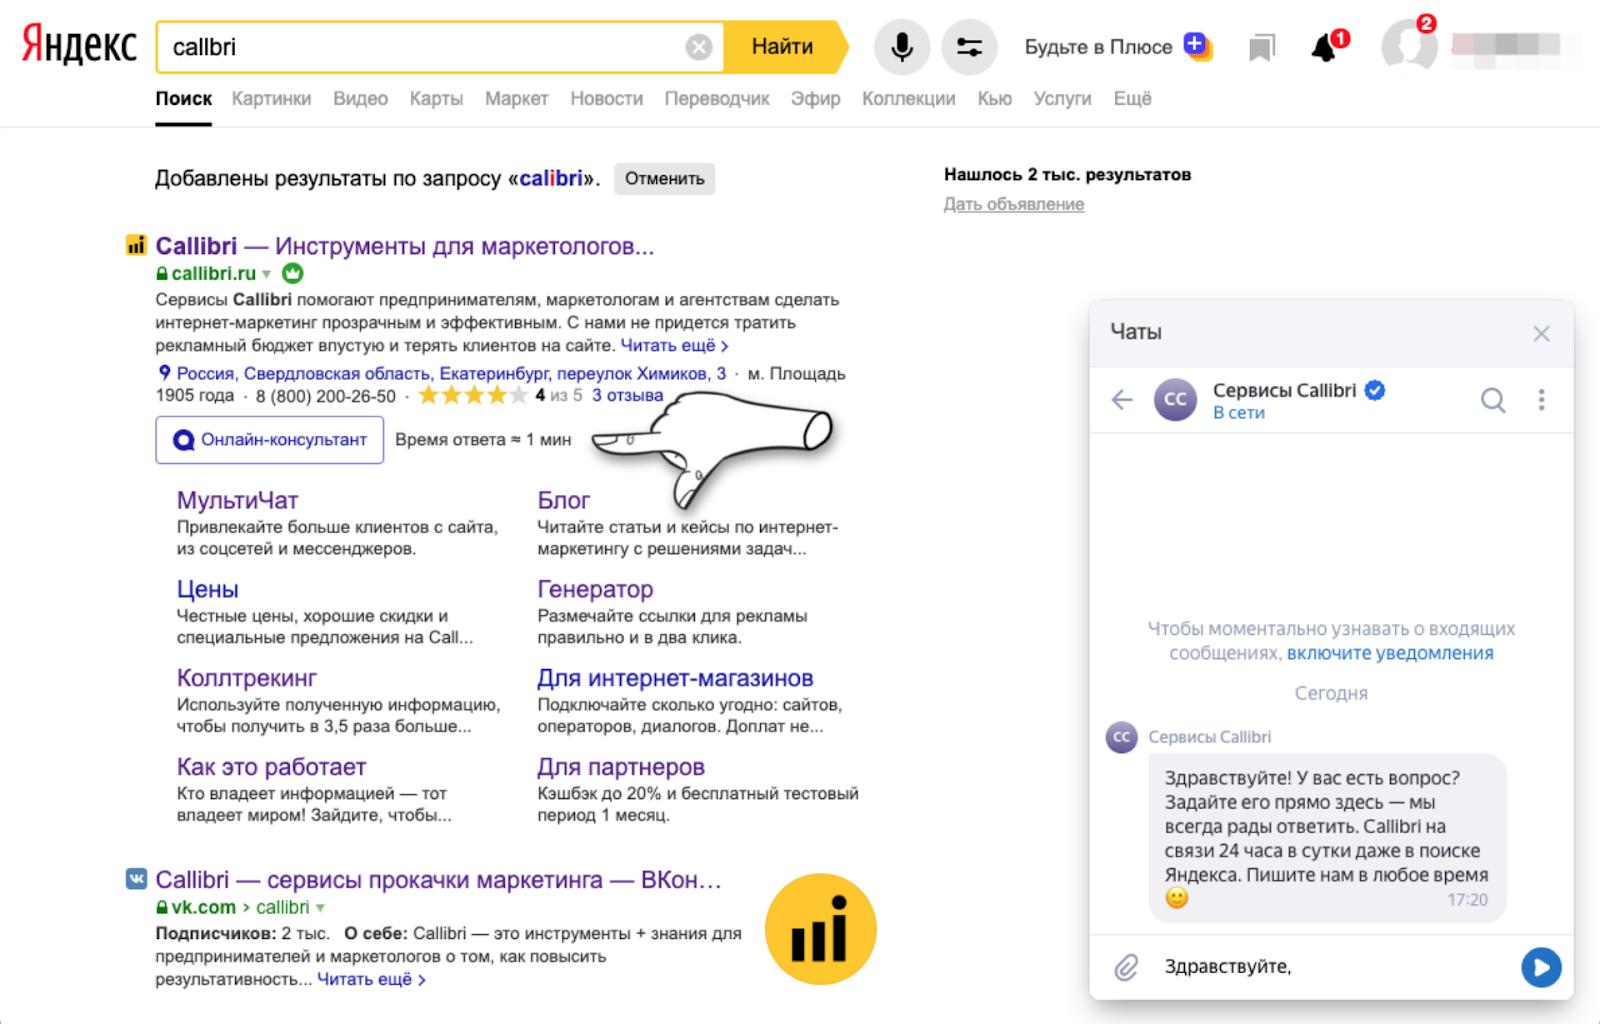 Как выглядит онлайн-консультант в поиске Яндекса